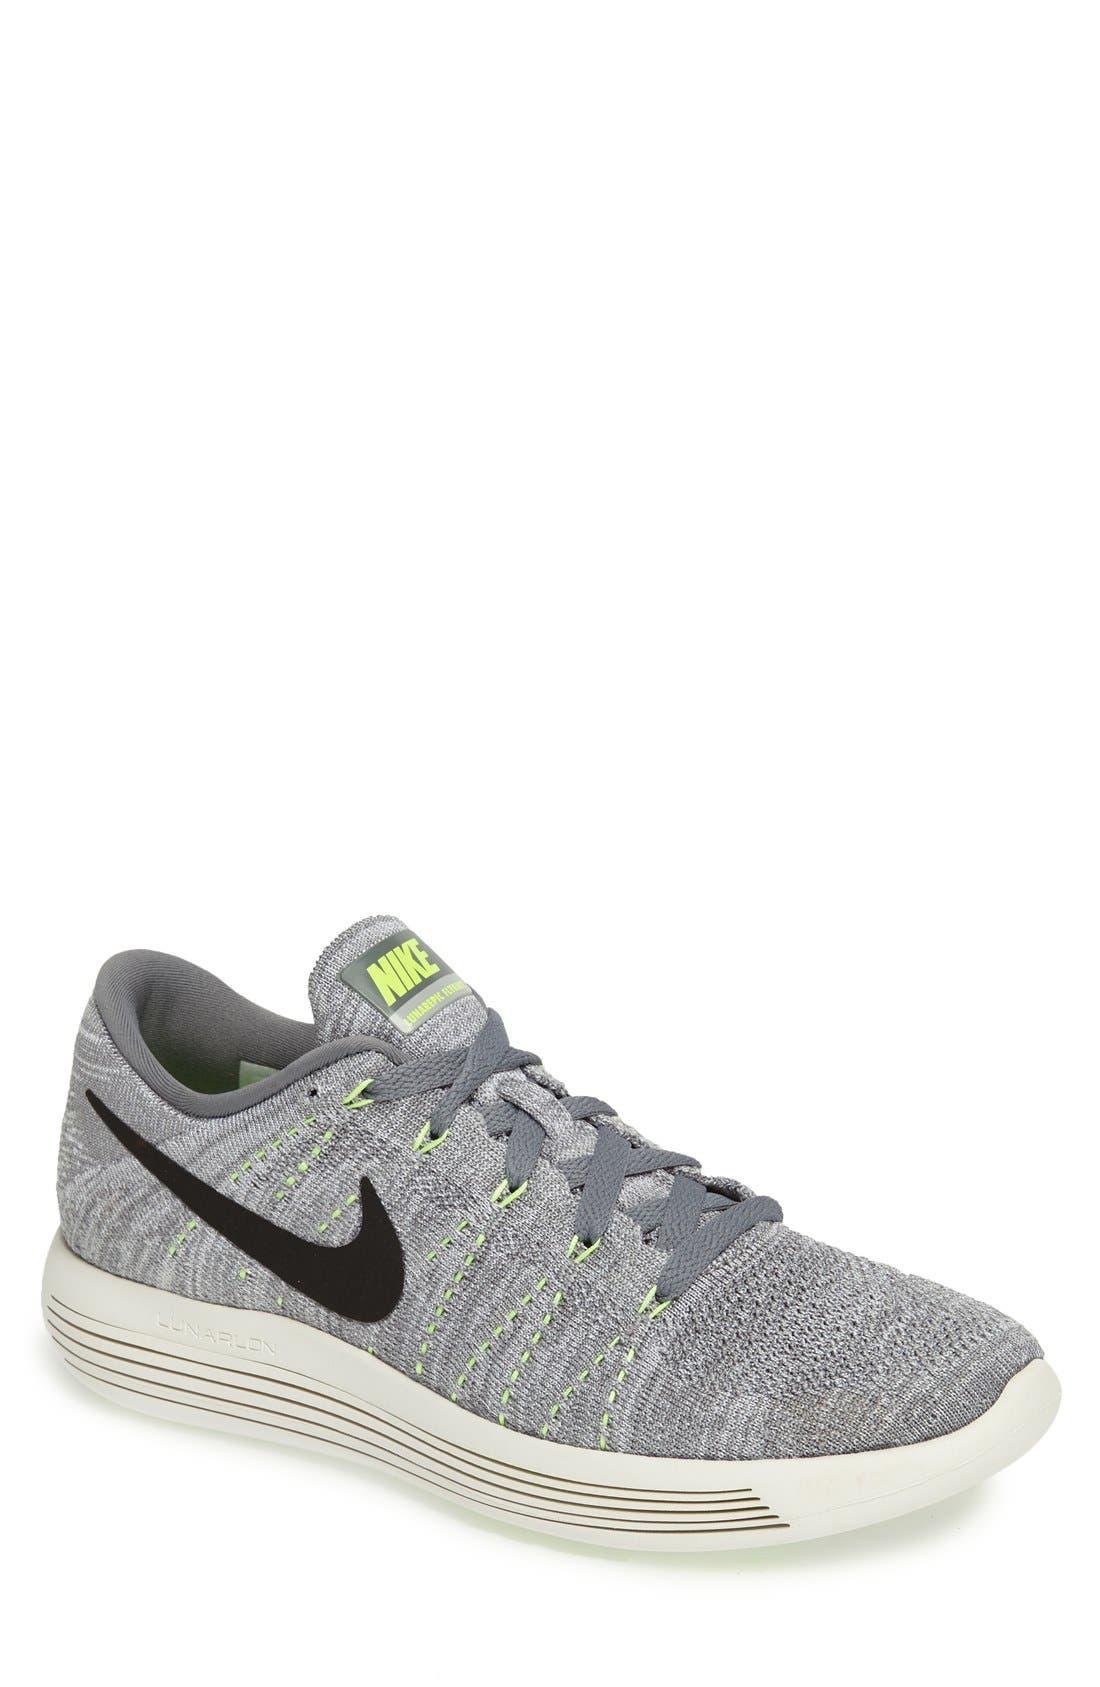 Main Image - Nike 'LunarEpic Low Flyknit' Running Shoe (Men)